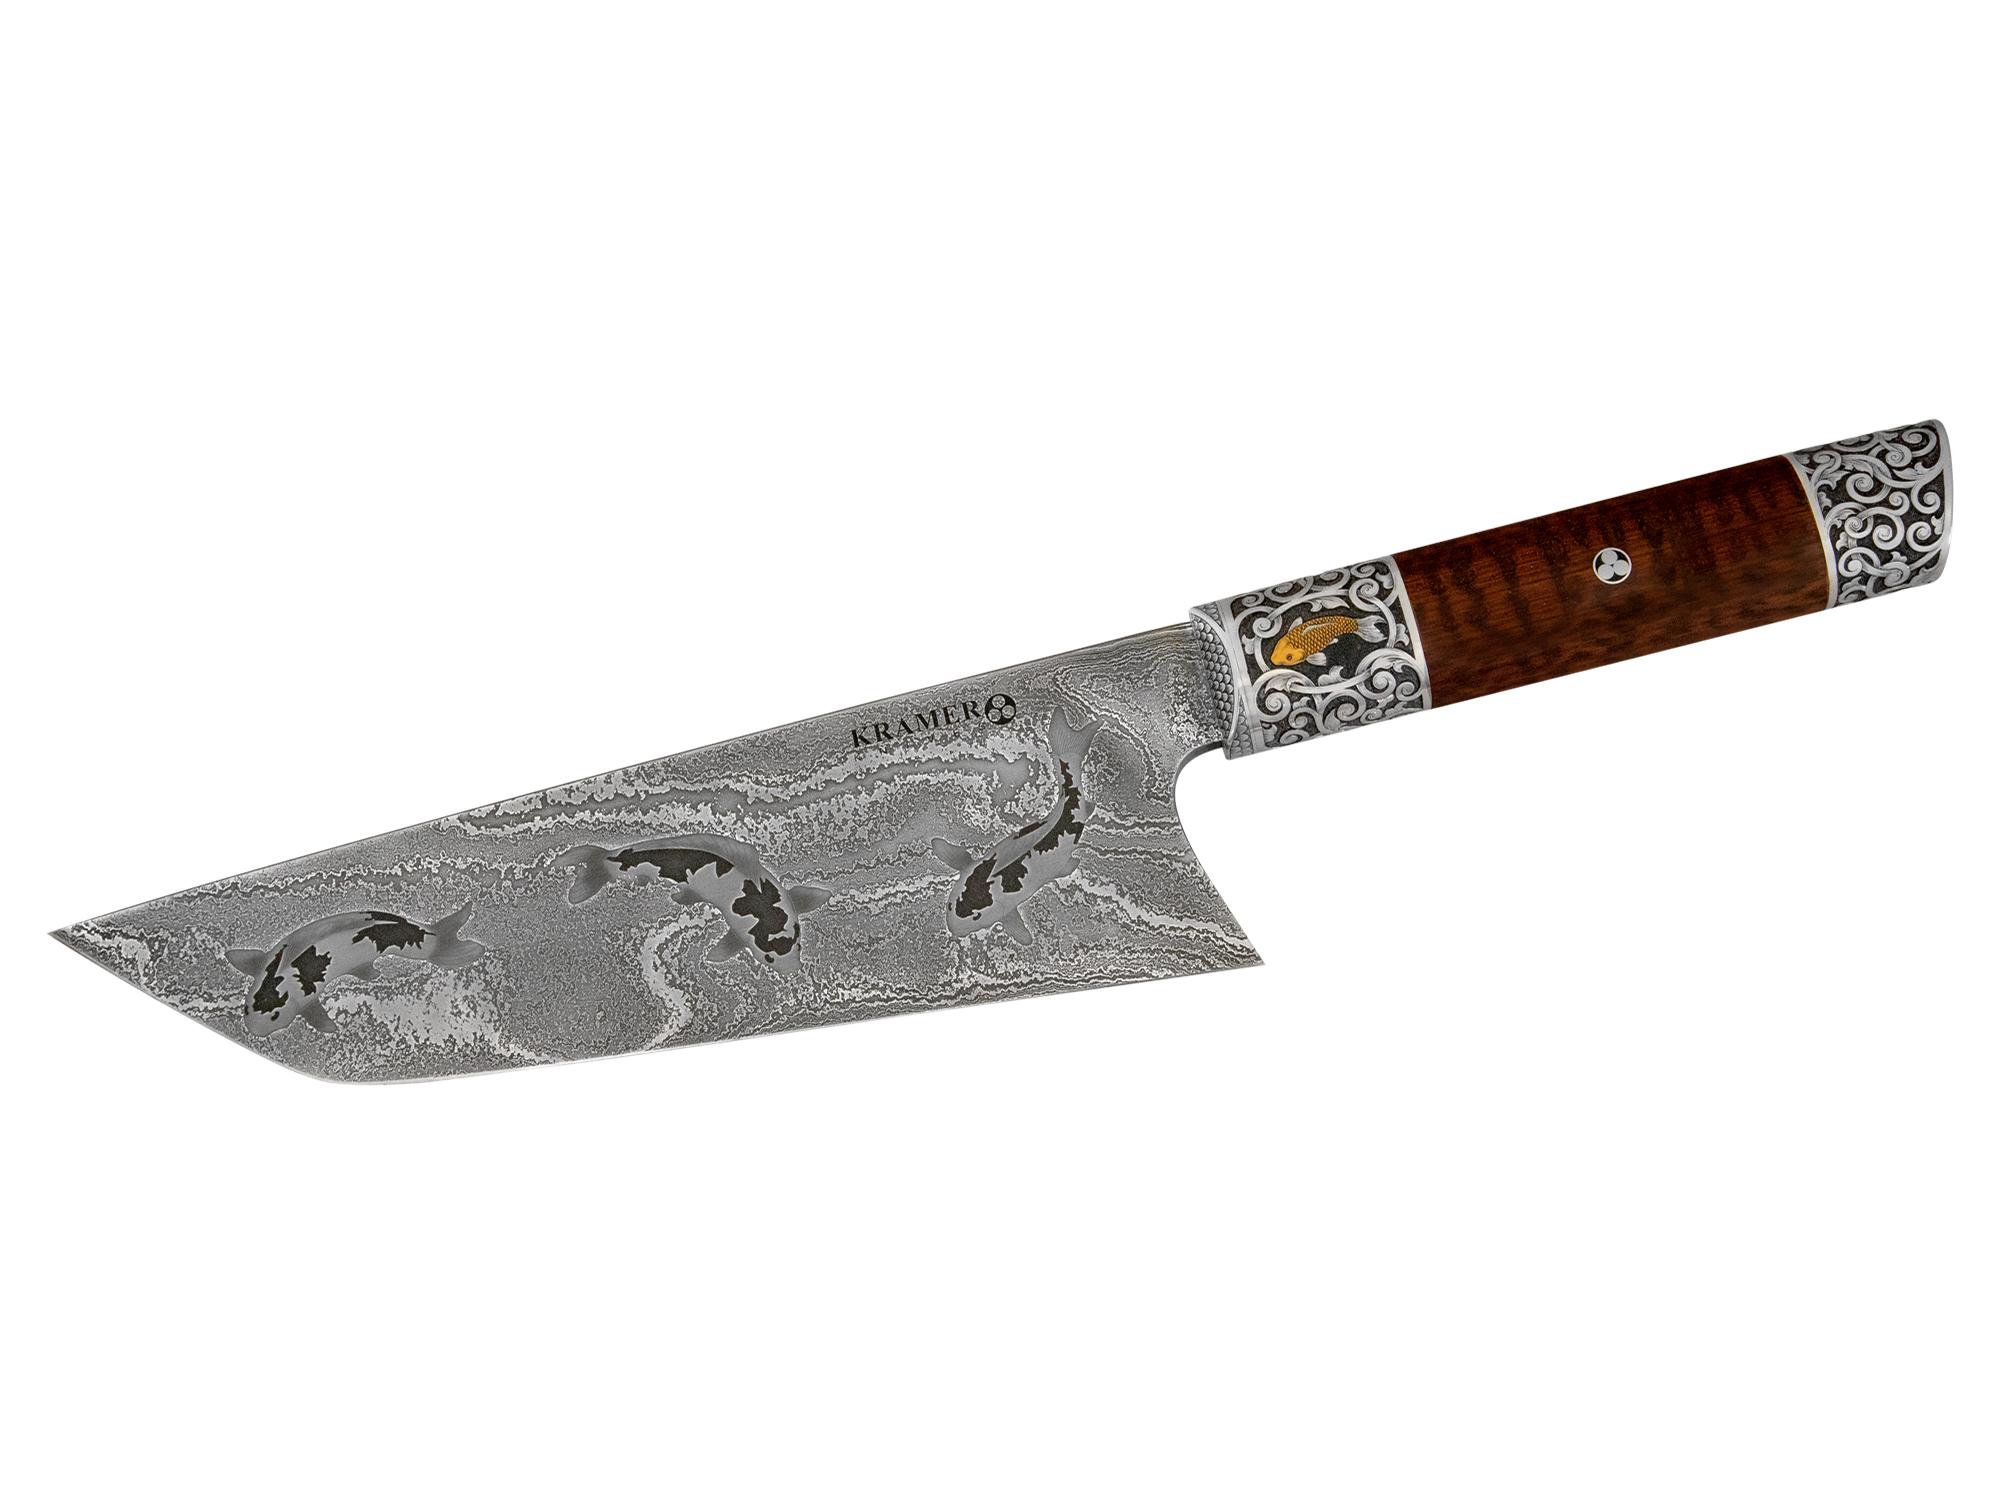 Bob Kramer knife